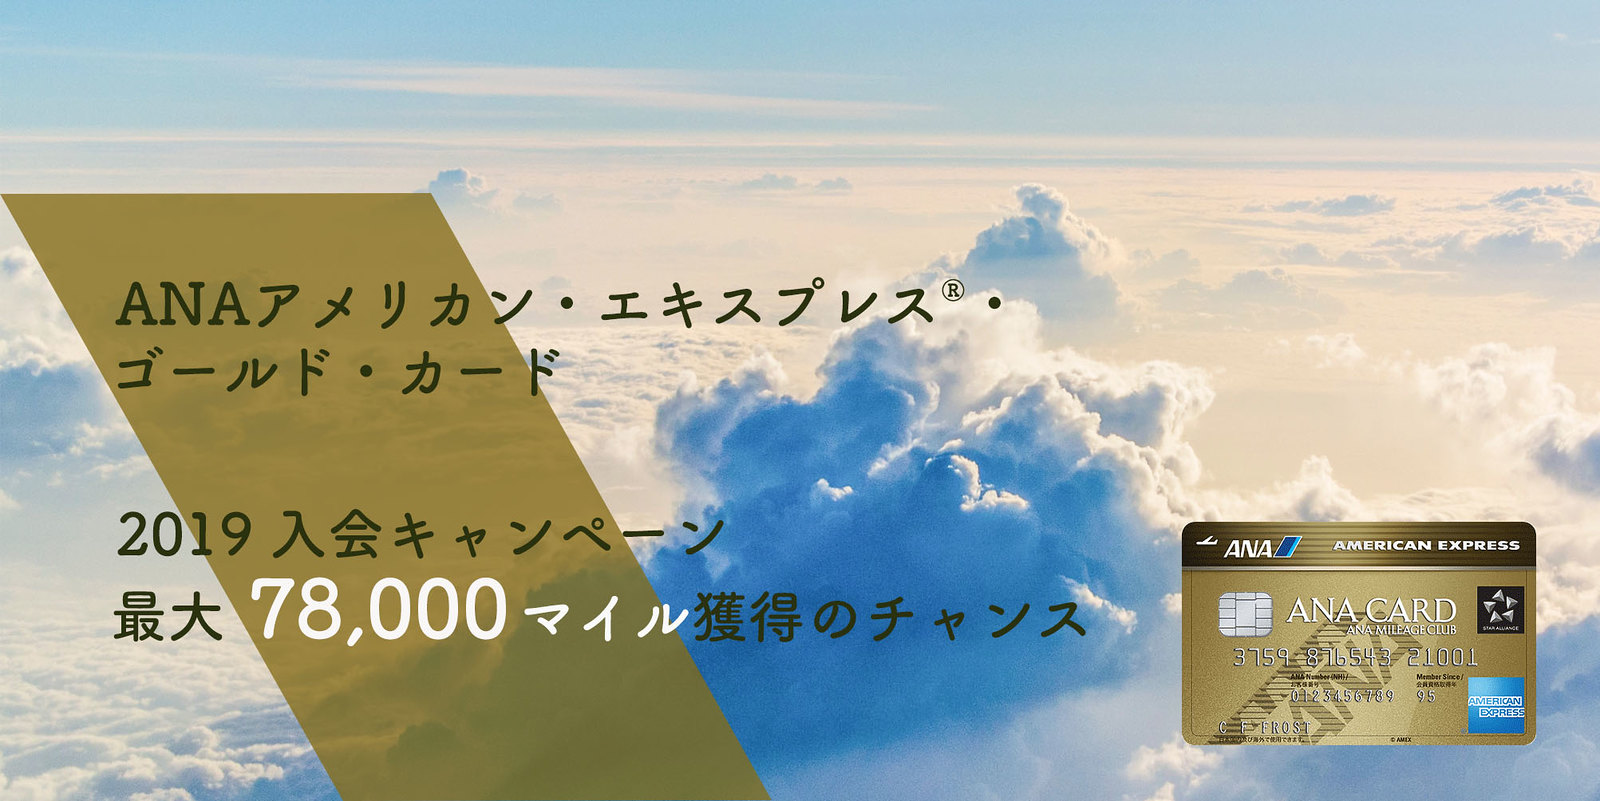 ANAアメックス・ゴールド 入会キャンペーン 2019